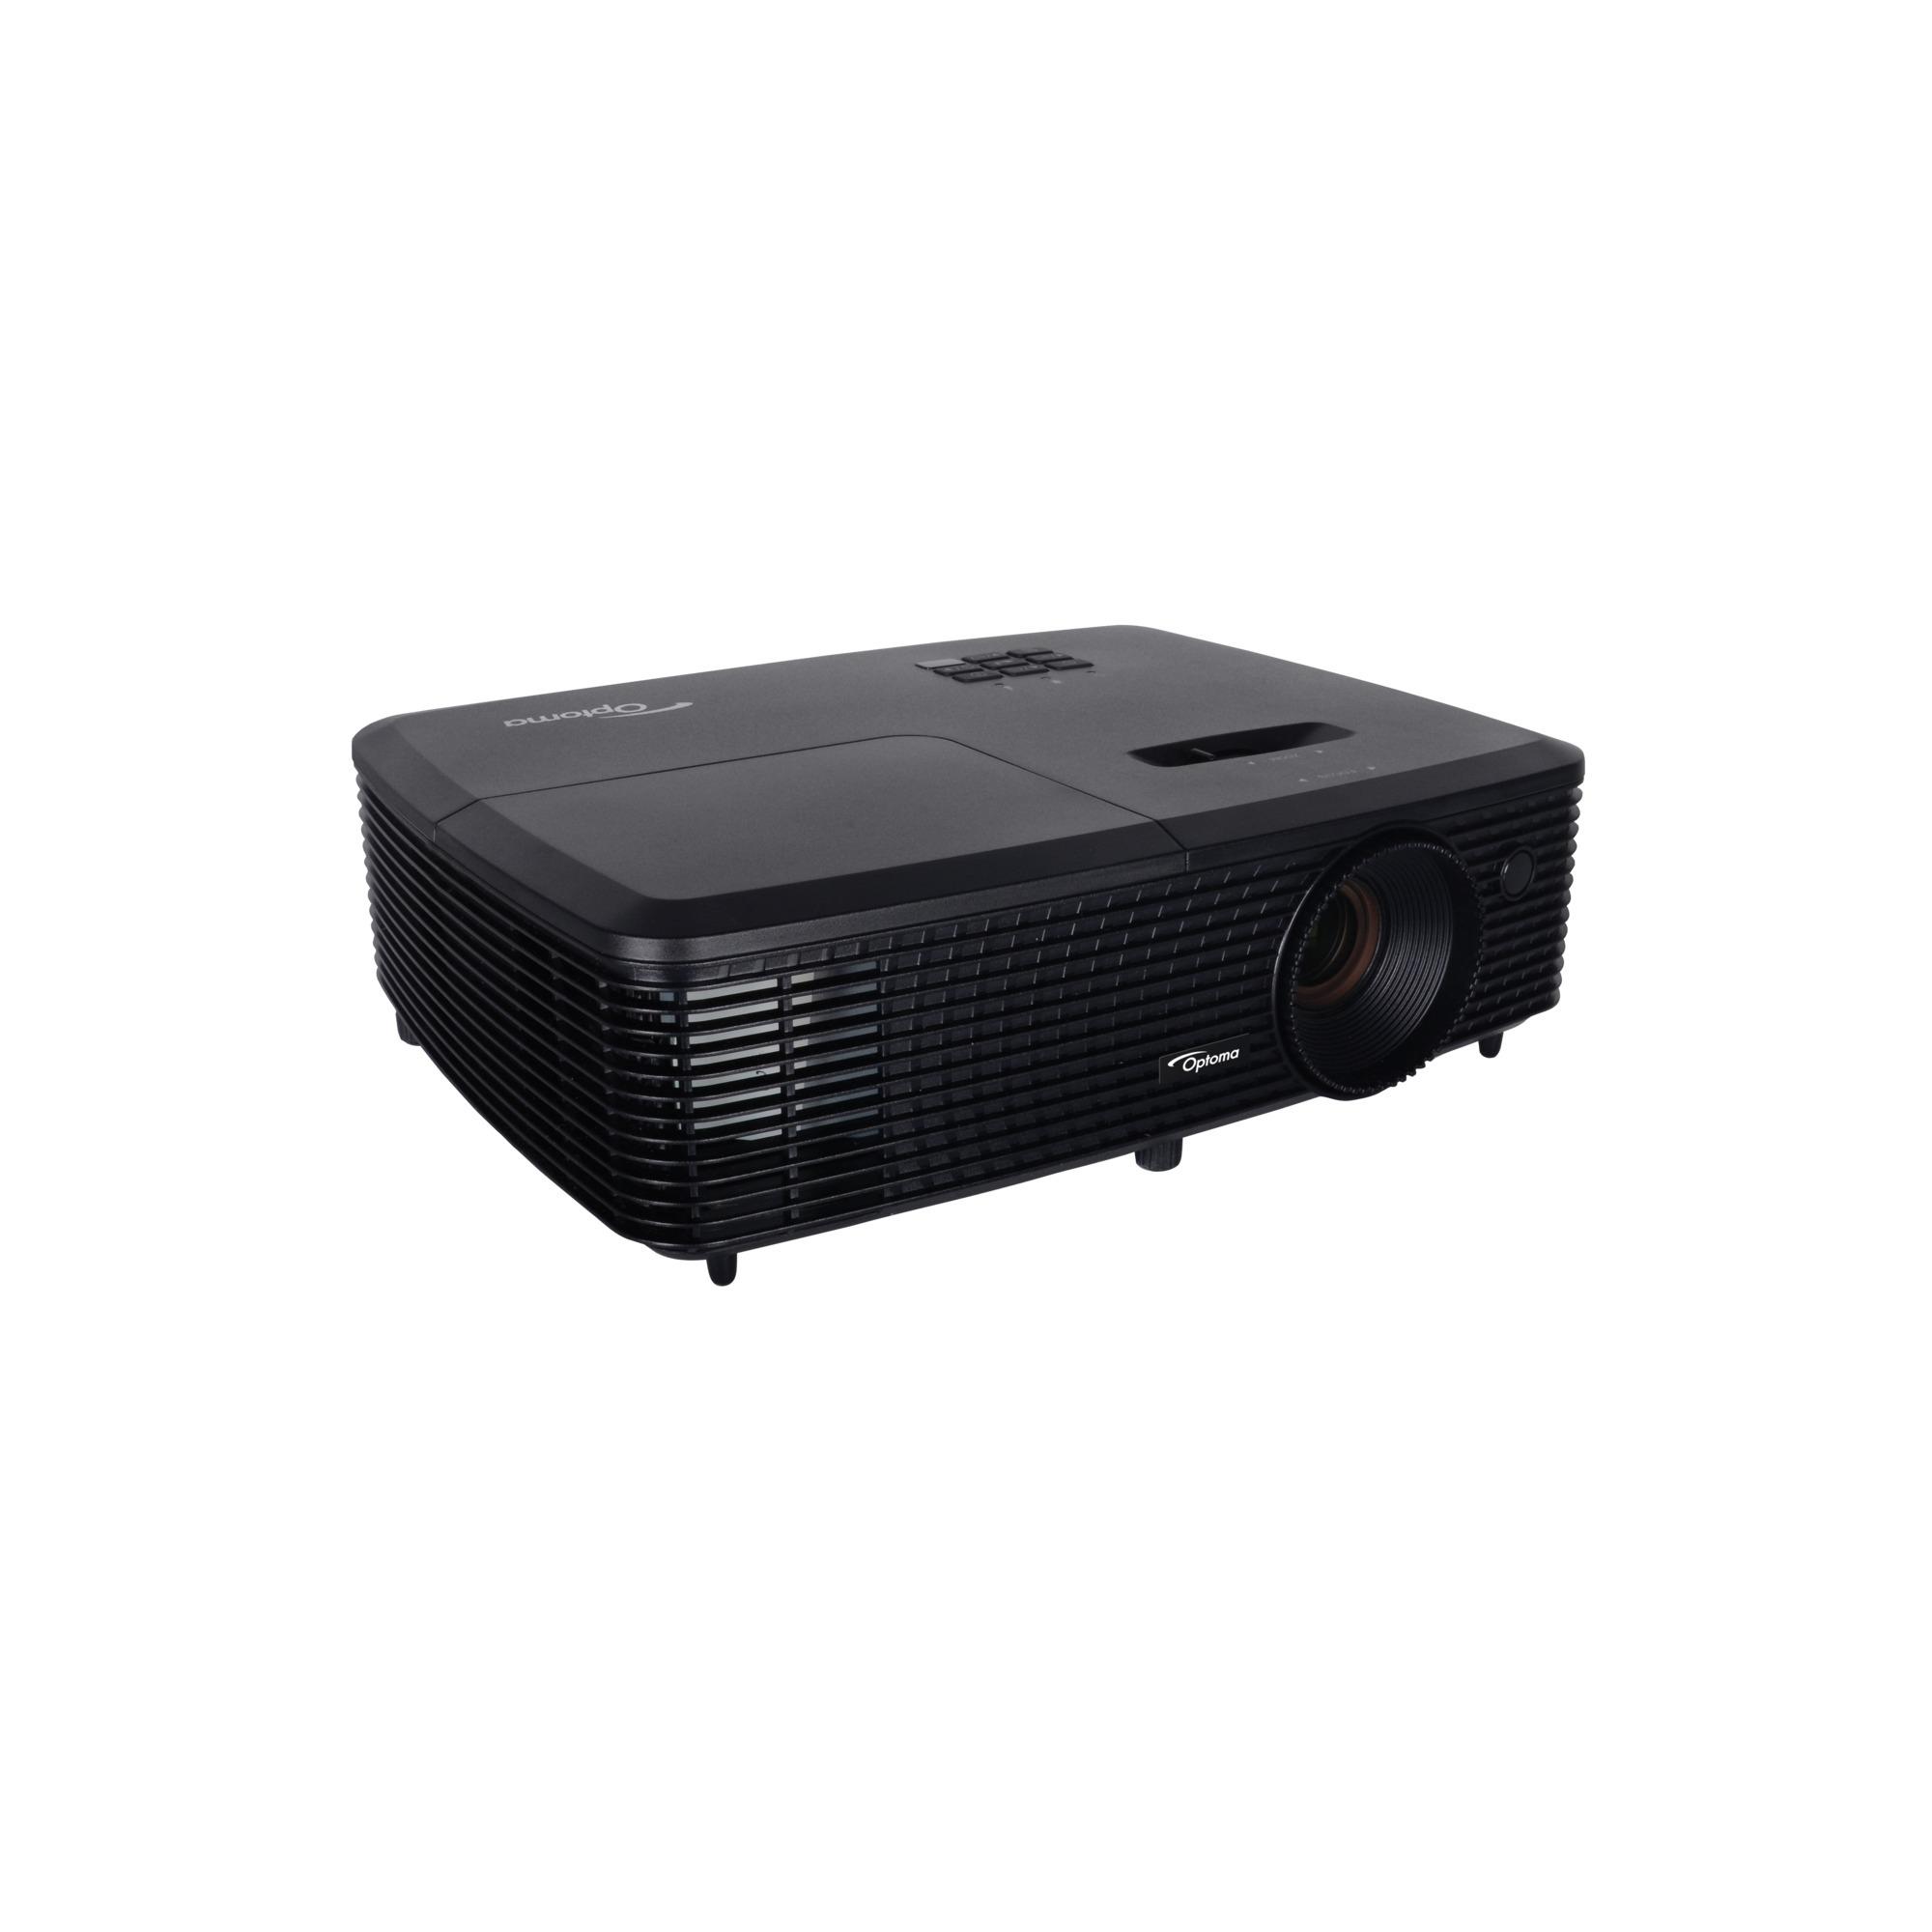 W330 Vidéoprojecteur portable 3000ANSI lumens DLP WXGA (1280x800) Compatibilité 3D Noir vidéo-projecteur, Projecteur DLP